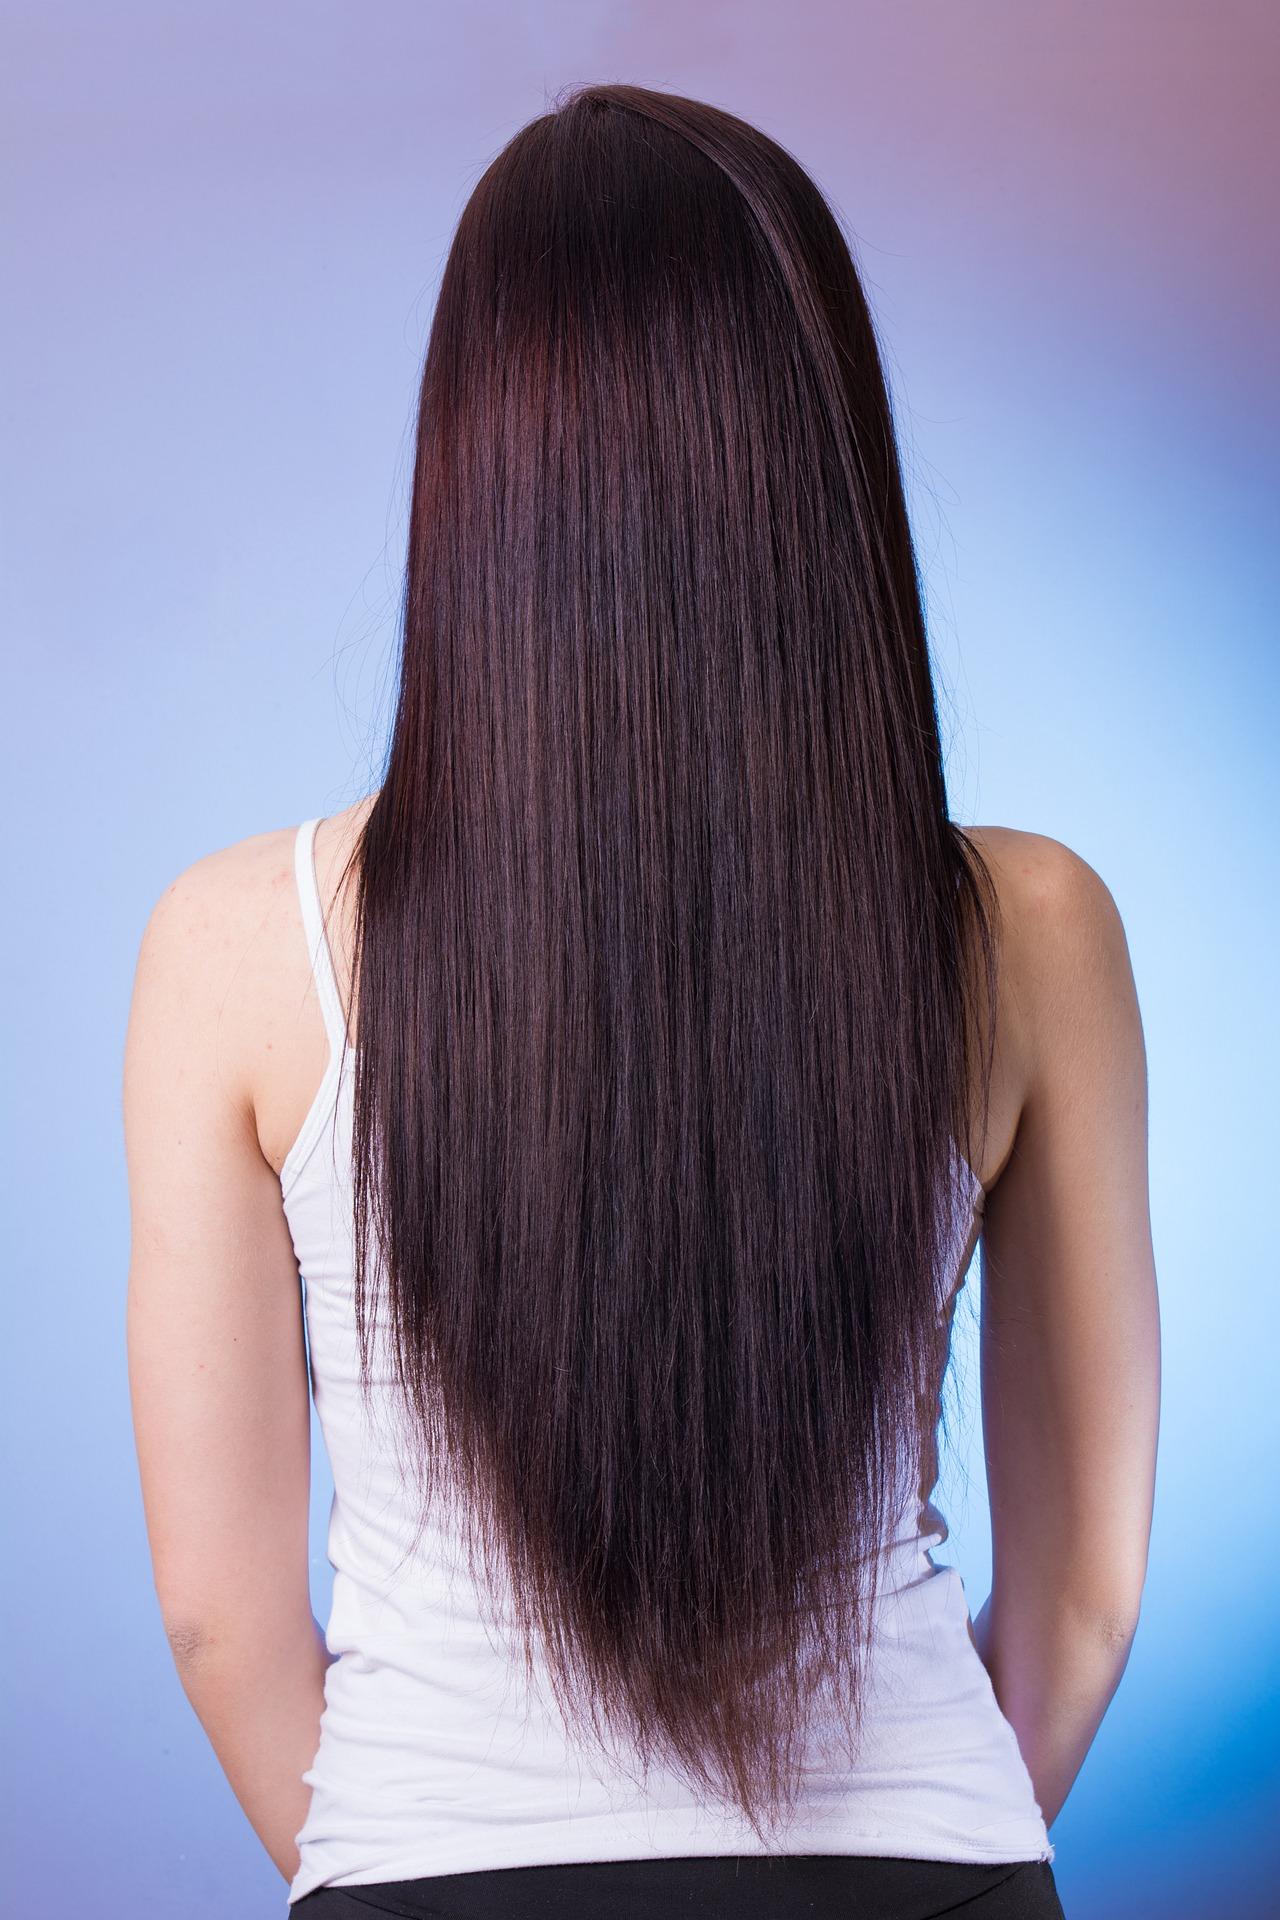 צוות המומחים להחלקות שיער ברמת השרון, אסף סיבוני ויחיאל שושן